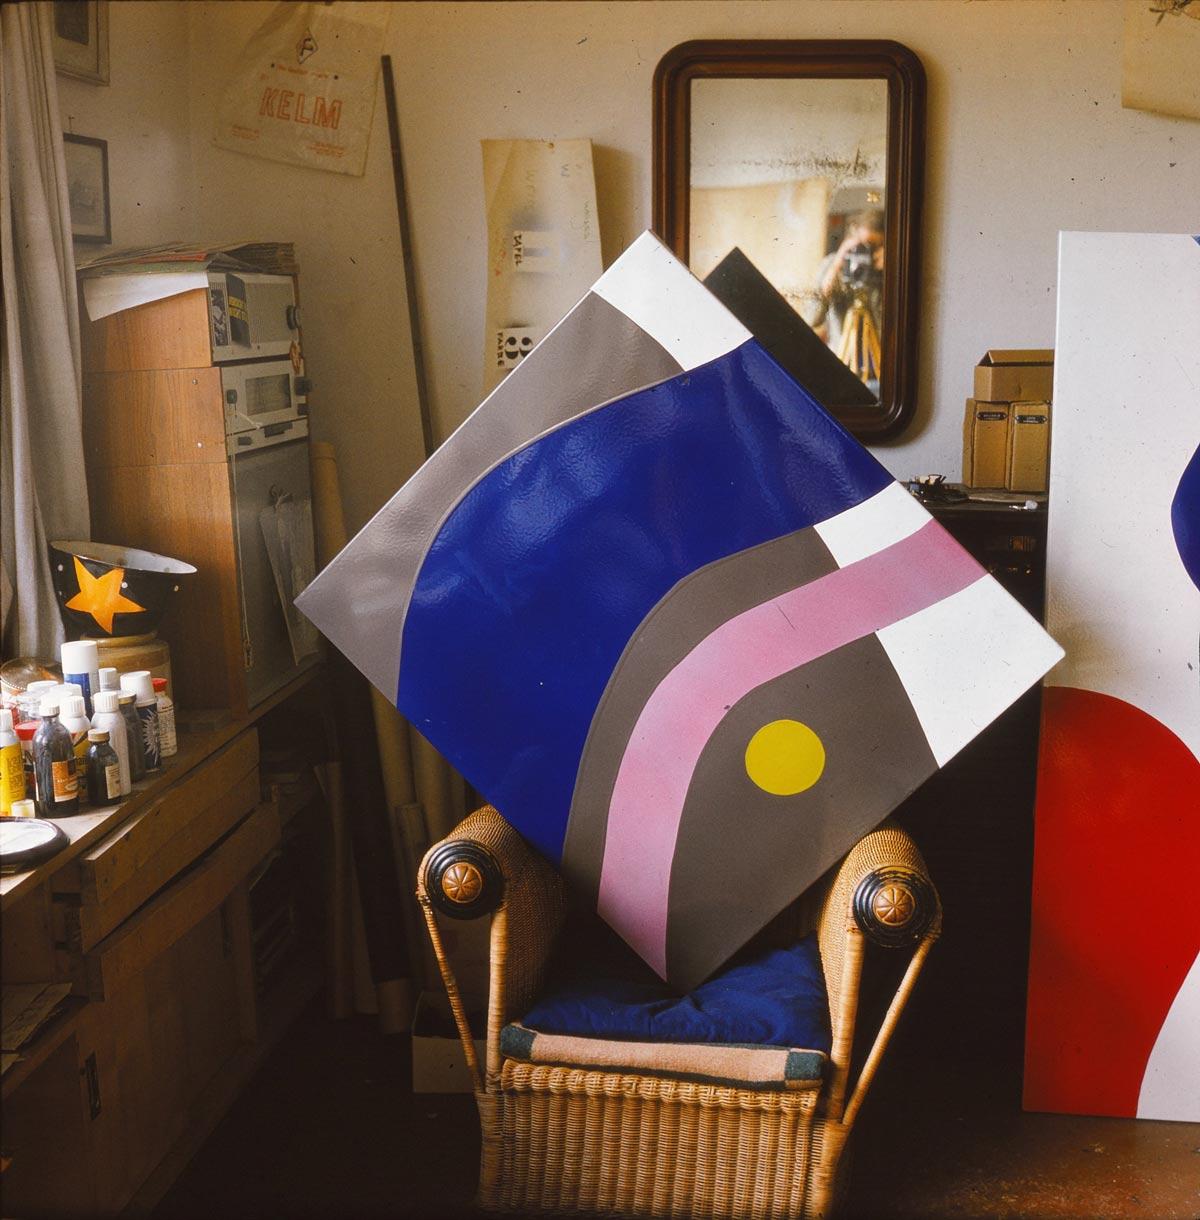 Atelier Lutz Rudolph, Emailelement für das Fassadenrelief VEB Volkswerft Stralsund, 1973.